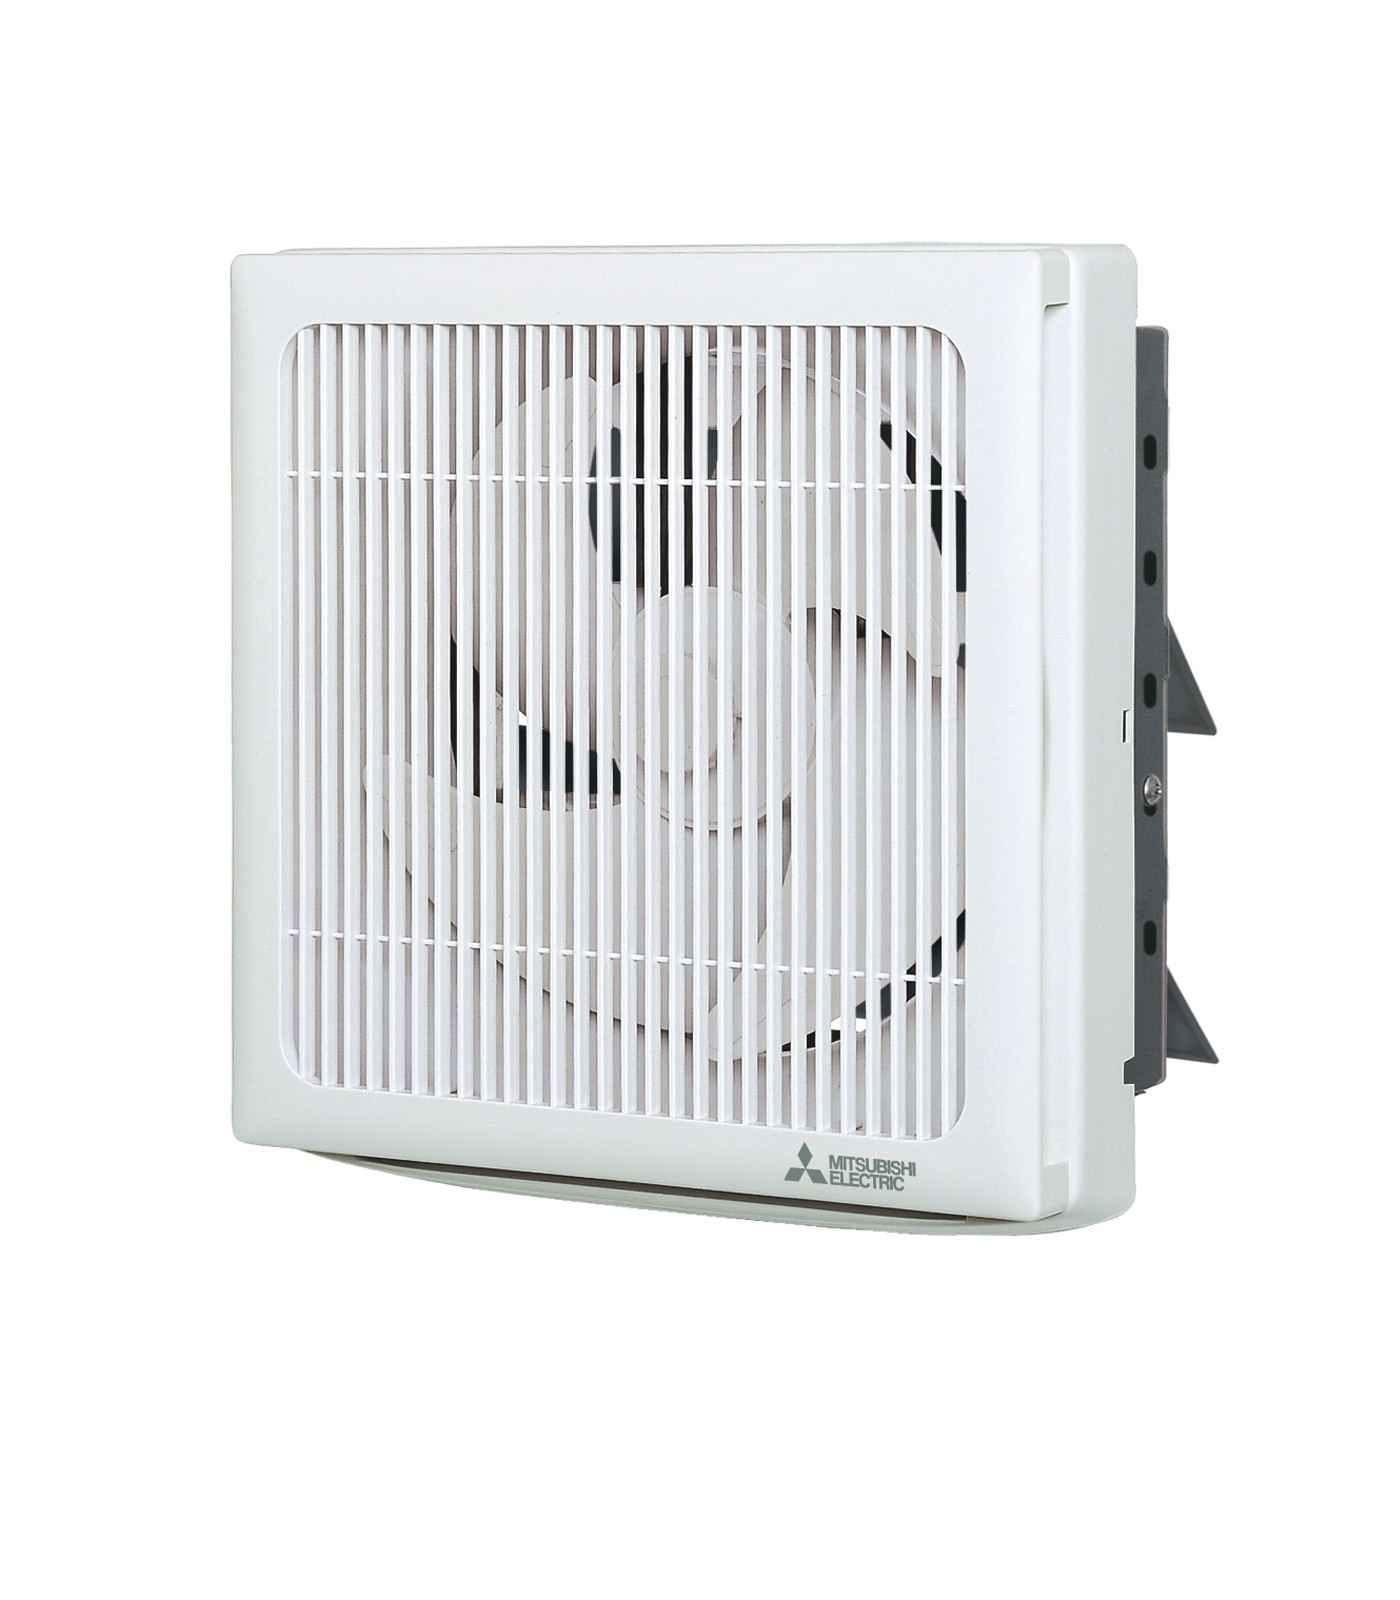 พัดลมระบายอากาศ MITSUBISHI EX20SKC